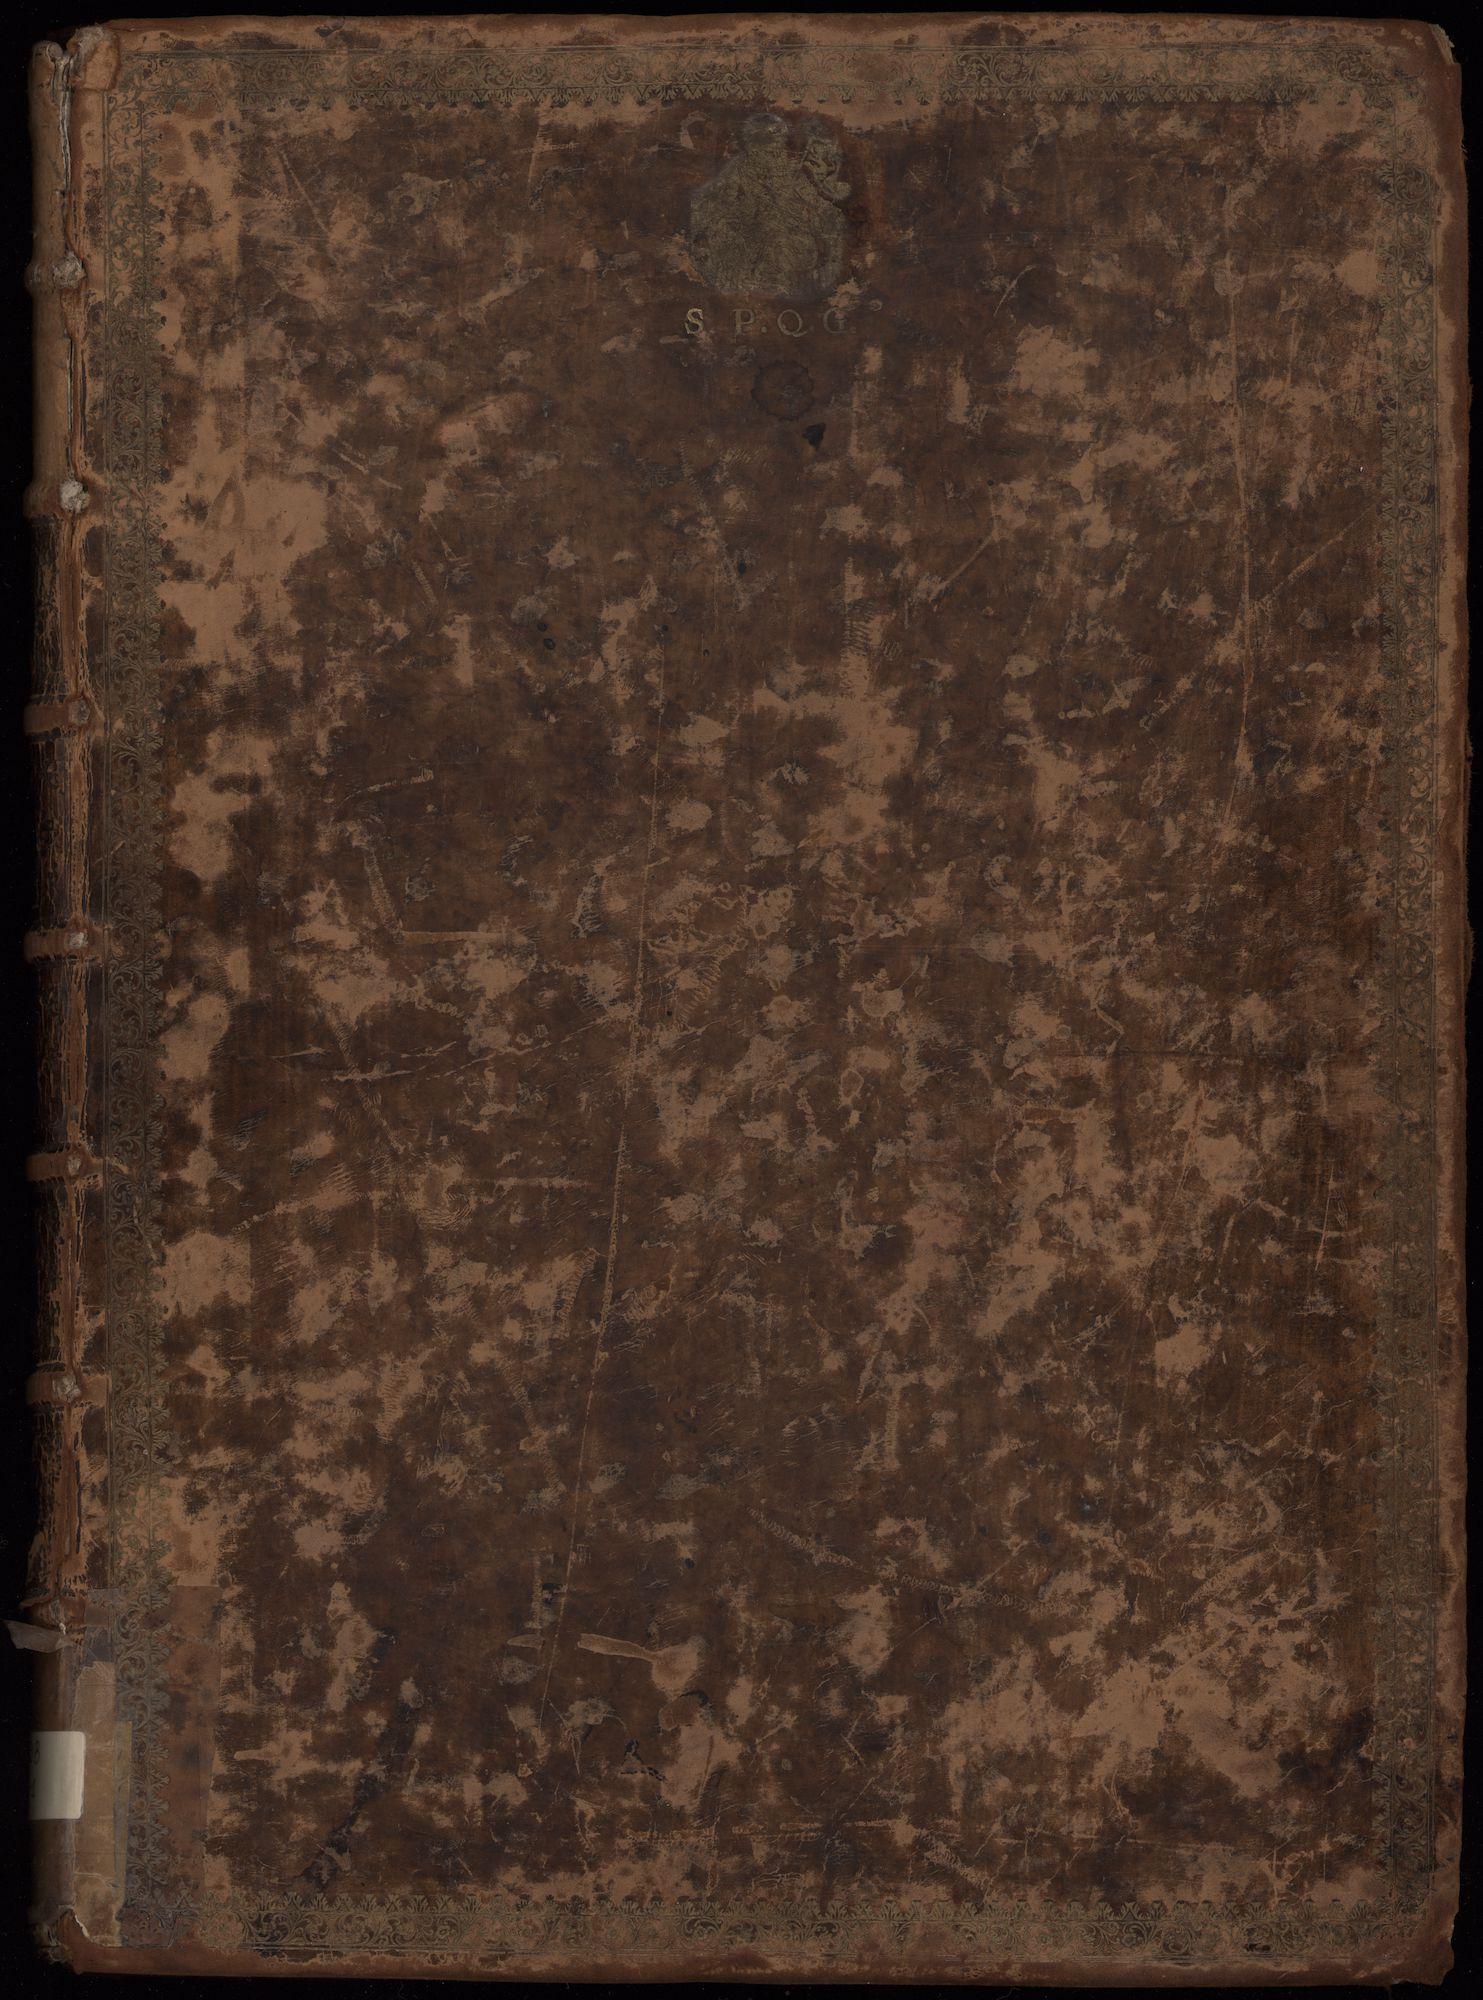 Kaartenboek van de Gentse stadsversterkingen door Jan de Buck, 1590